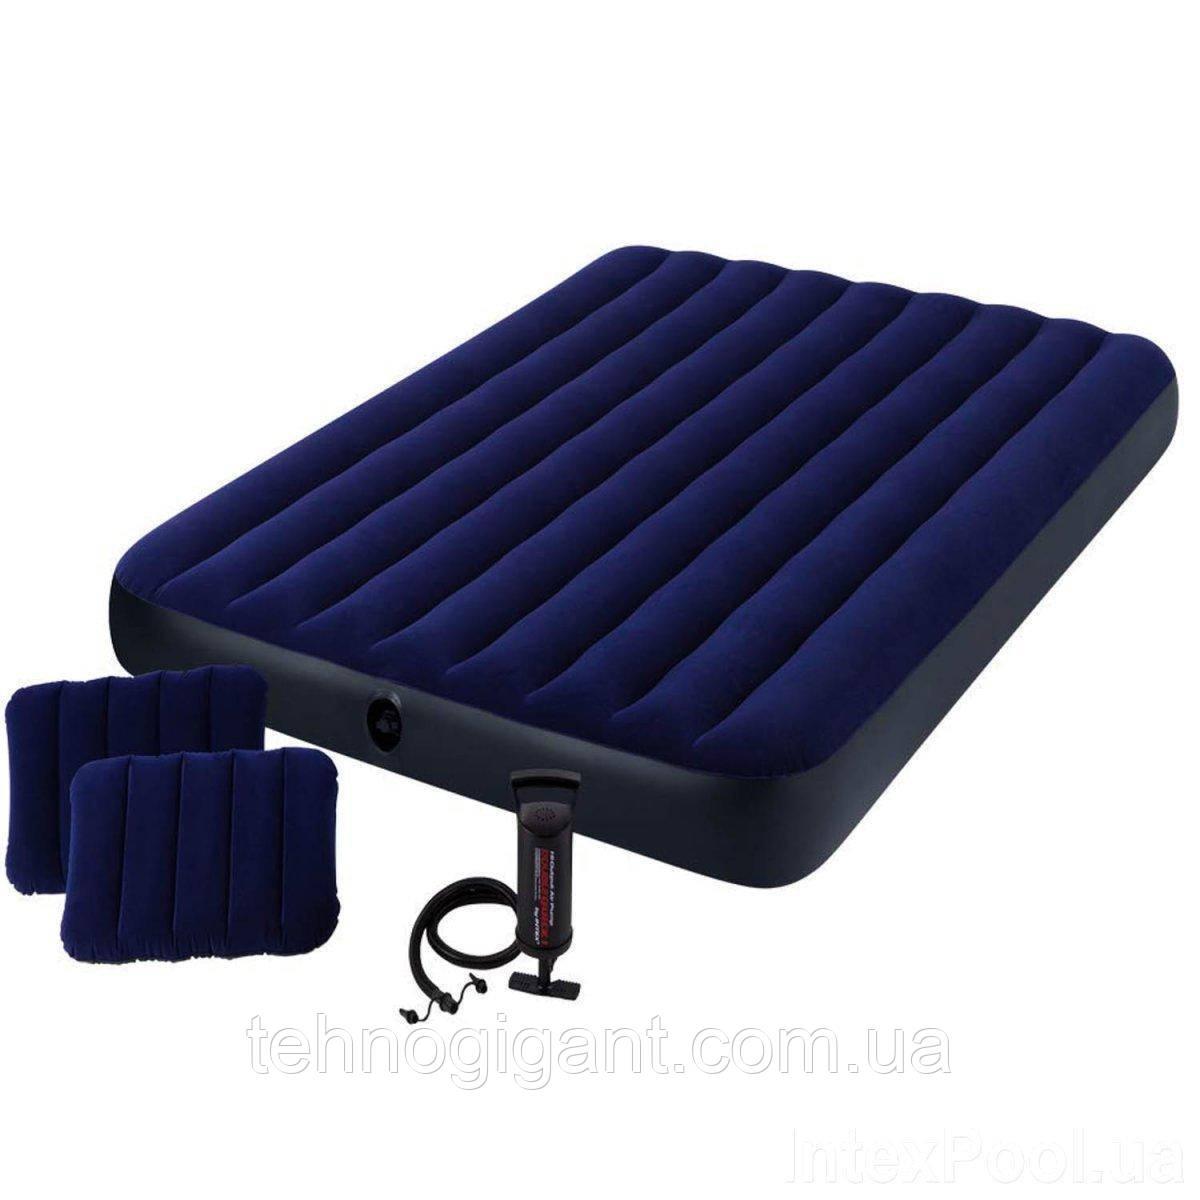 Надувной матрас с подушками и насосом Intex 152 х 203 х 25 см.,2 подушки, с ручным насосом, в коробке 64765